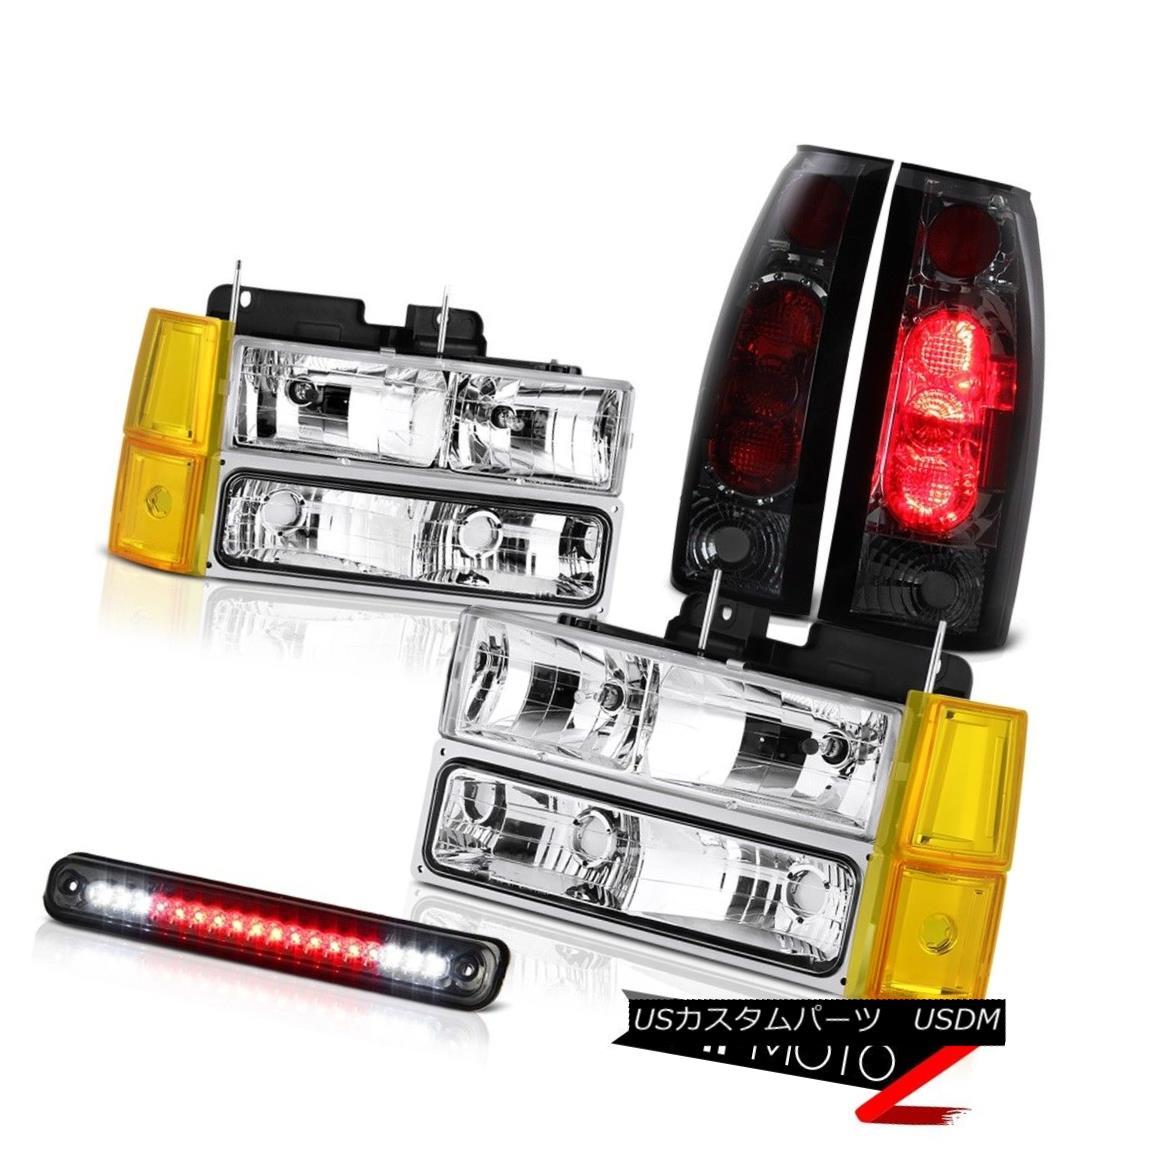 テールライト 94-98 GMC K2500 Headlights Bumper Dark Smoke Roof Brake Lamp Rear Lights Euro 94-98 GMC K2500ヘッドライトバンパーダークスモーク屋根ブレーキランプリアライトユーロ